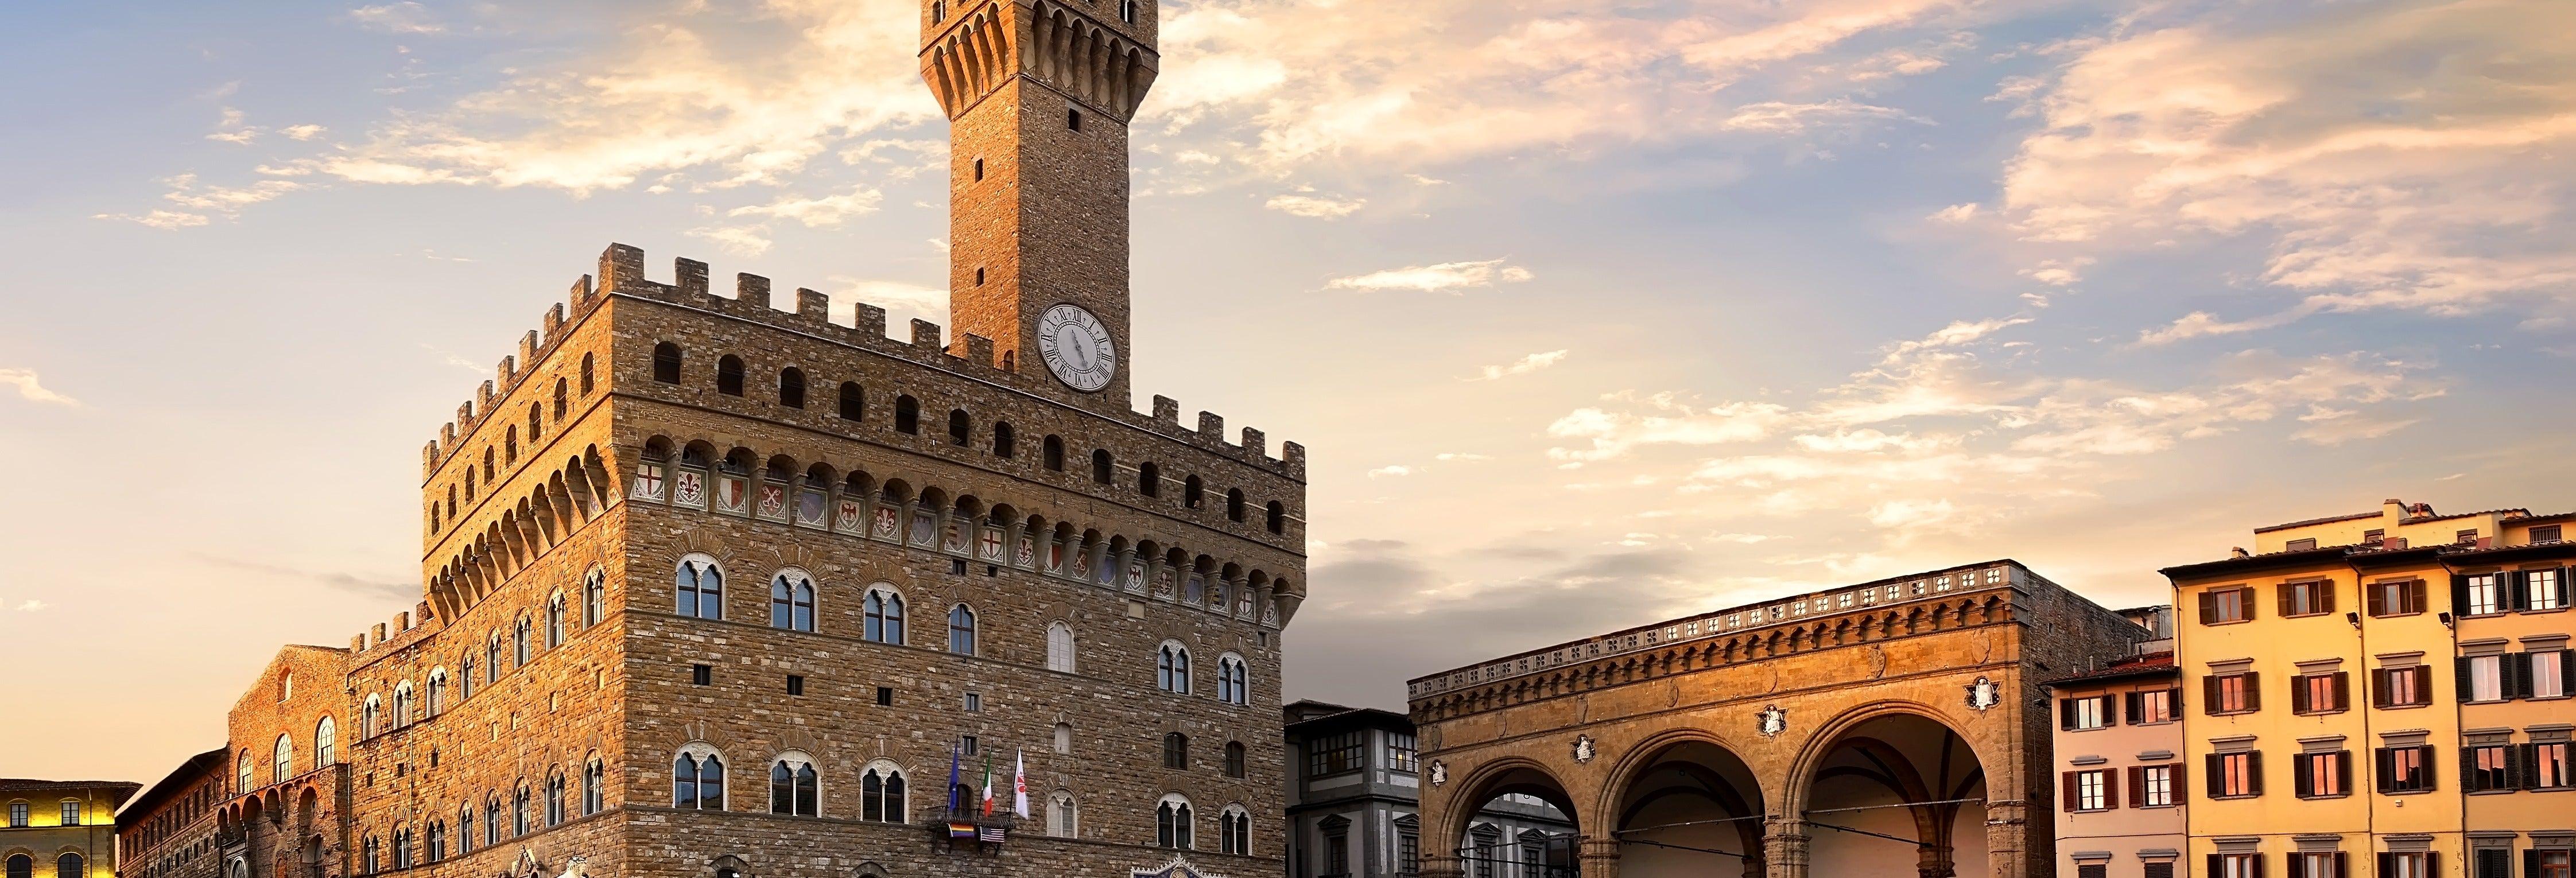 Visita guiada por el Palazzo Vecchio